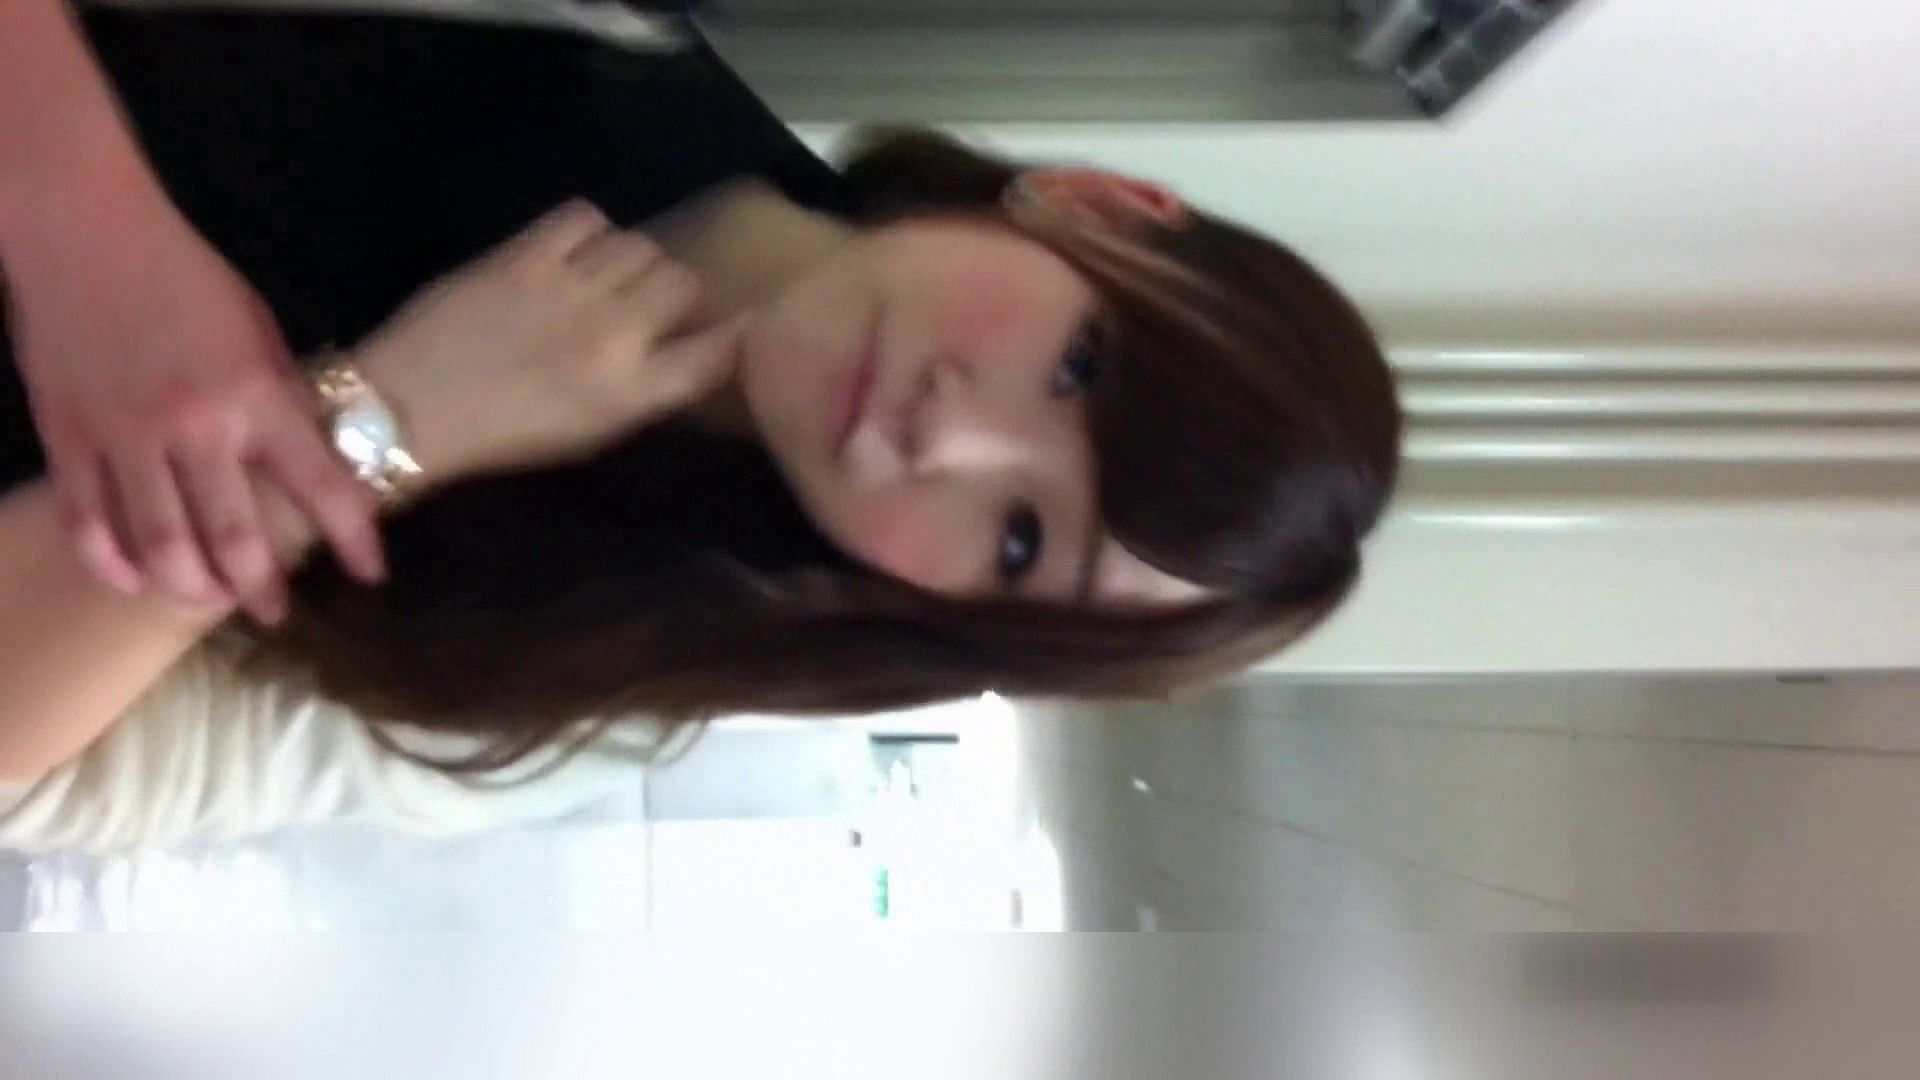 お姉さんの恥便所盗撮! Vol.24 美女エロ画像 オメコ無修正動画無料 97PICs 58